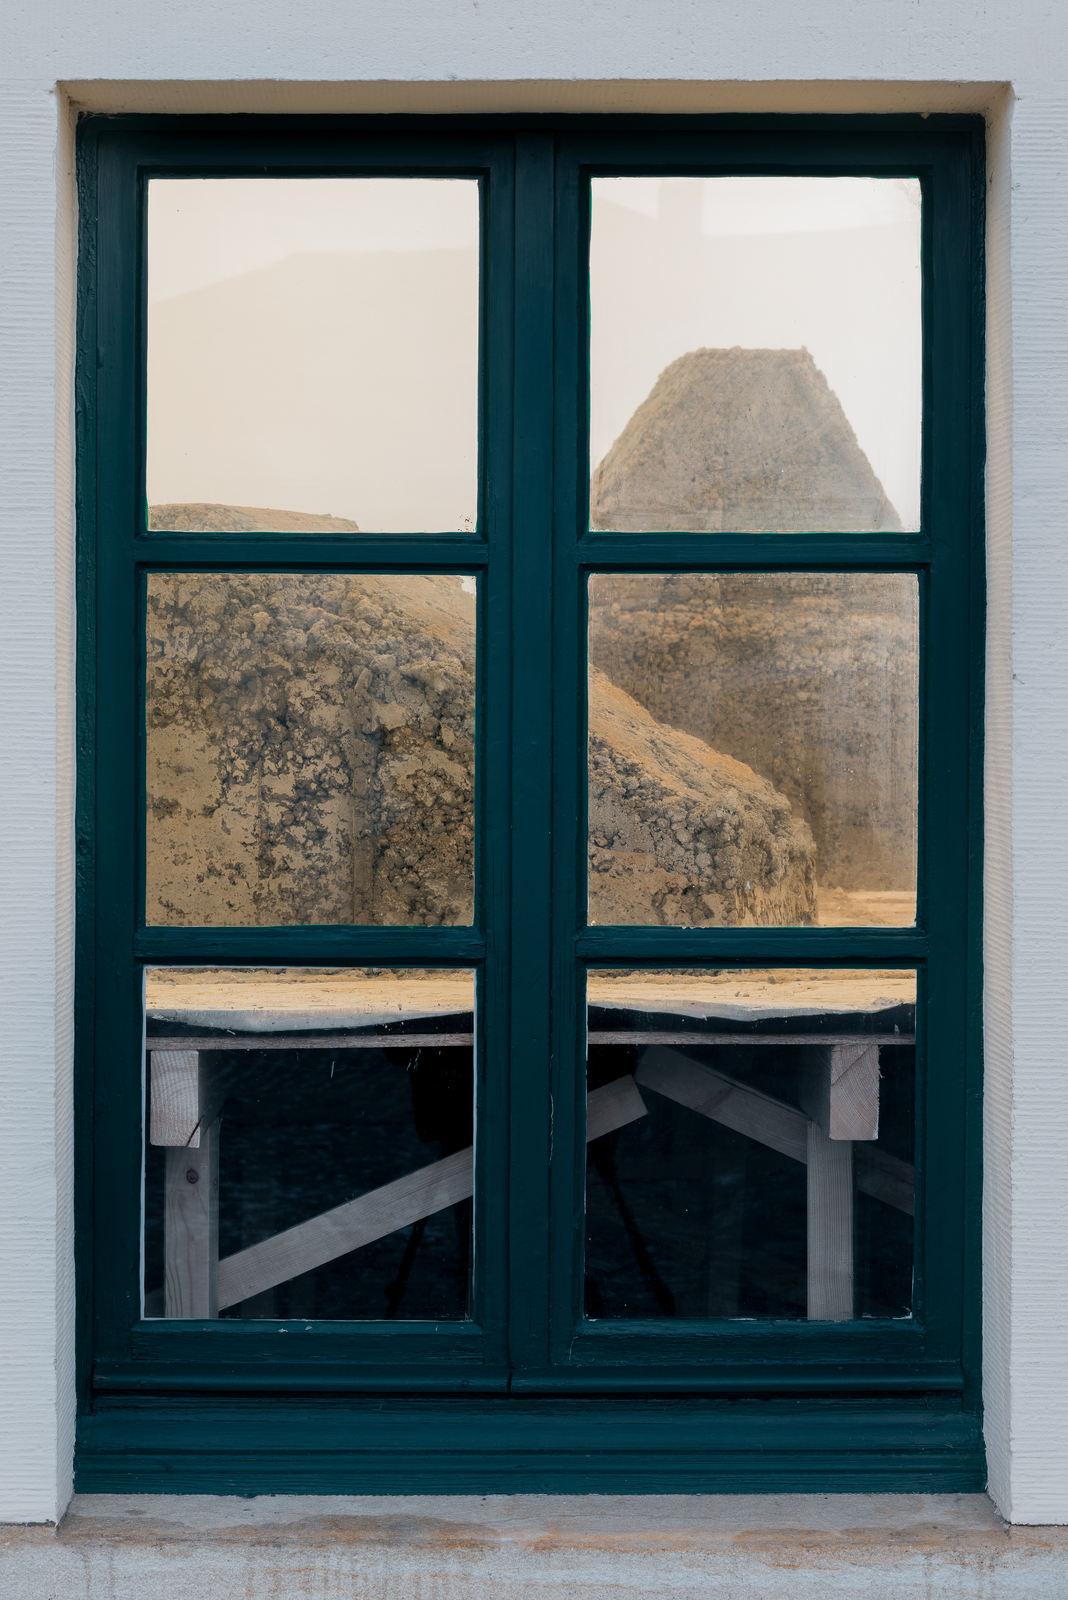 Tiril Hasselknippe at Kunstverein Braunschweig_13